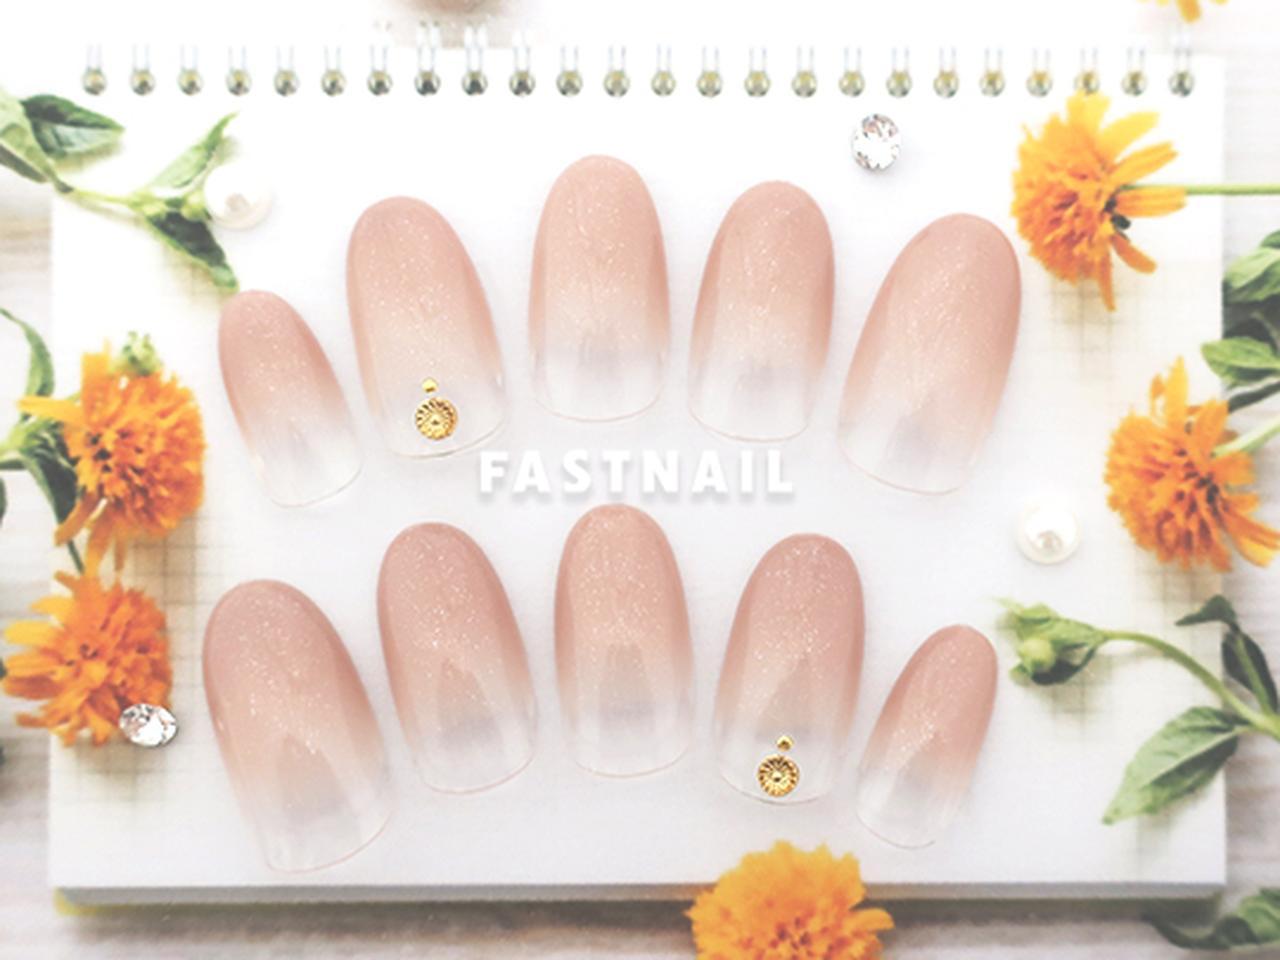 画像: 最新 初夏ネイルデザイン モイストネイルデザイン 2019   ネイルサロンFASTNAIL(ファストネイル)